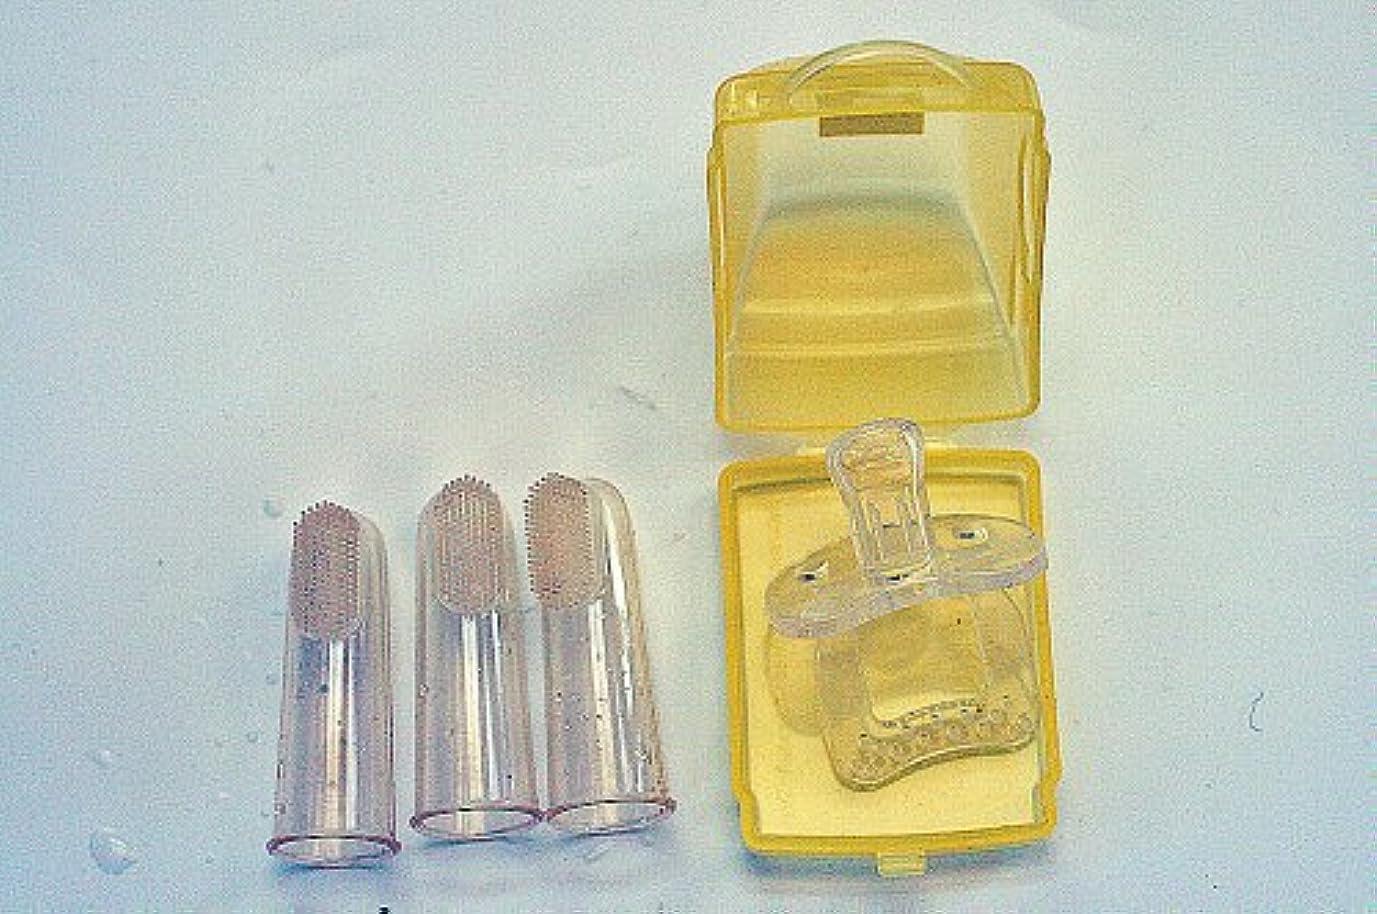 放置調整可能好き歯ブラシ おしゃぶり ベビーソフト歯ブラシ3個セット/ シリコンおしゃぶりカーケース入り オーラルケアギフトセット 2種類組み